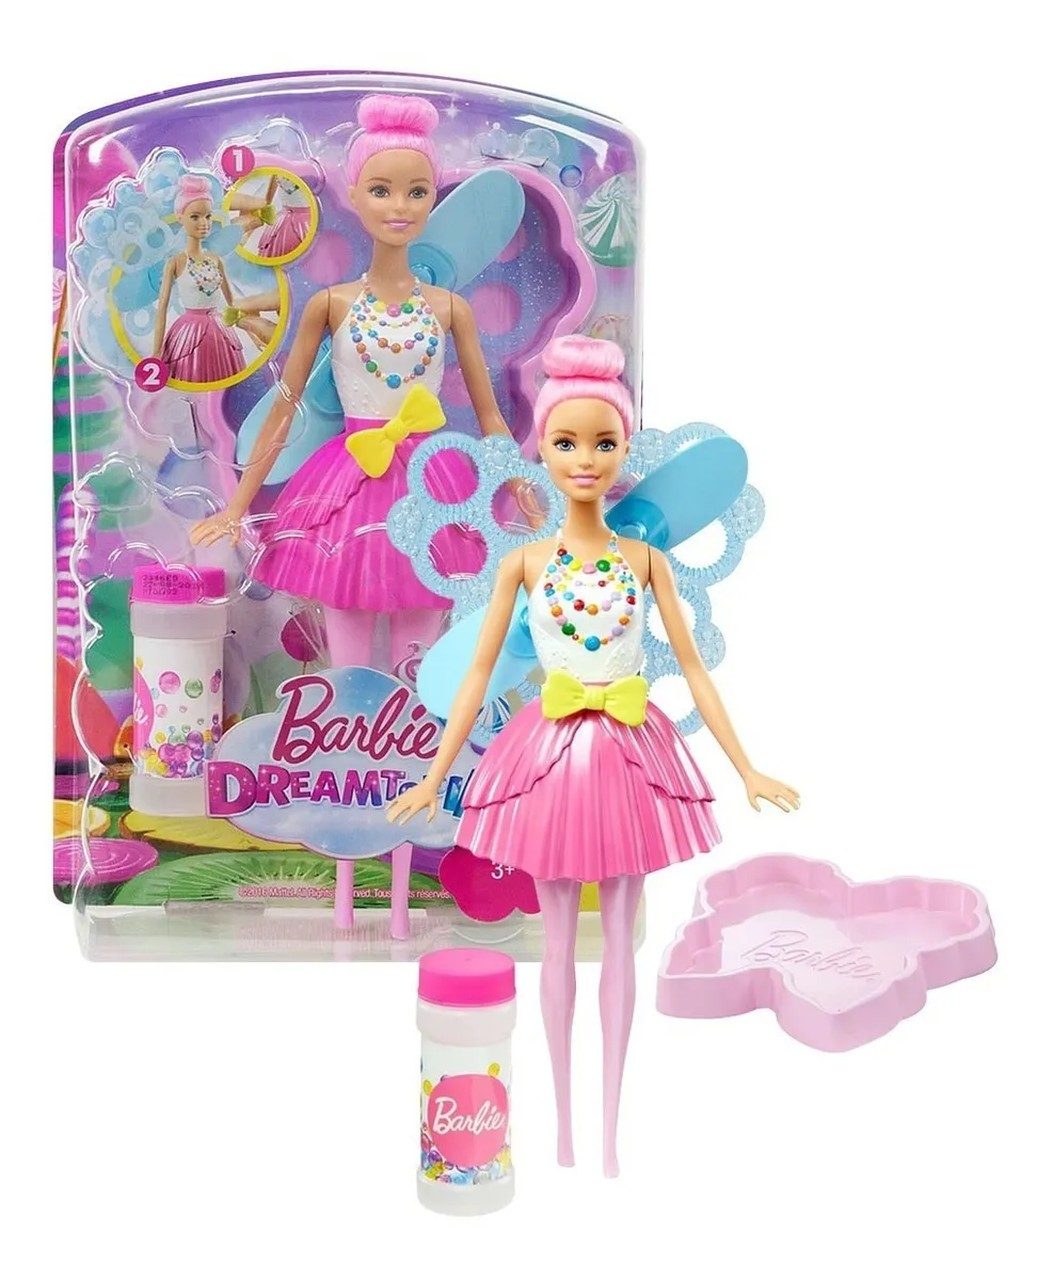 Barbie Boneca Fada Bolhas Mágicas Dreamtopia - Mattel Dvm95